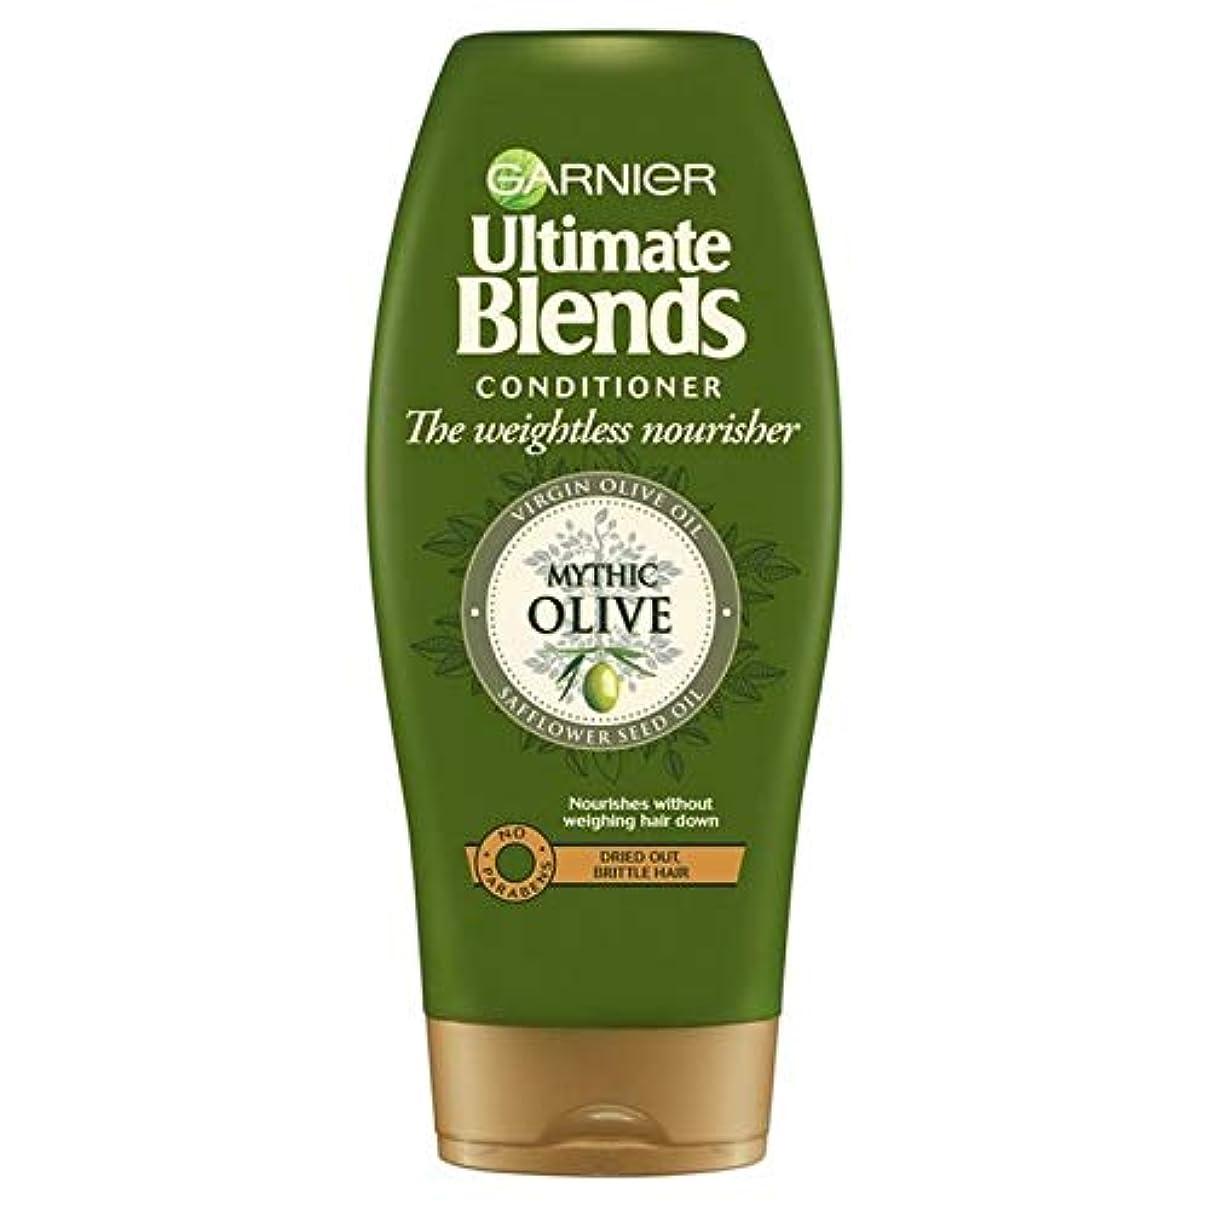 誘惑するレーニン主義地獄[Garnier ] ガルニエ究極のオリーブオイルドライヘアコンディショナー360ミリリットルをブレンド - Garnier Ultimate Blends Olive Oil Dry Hair Conditioner...